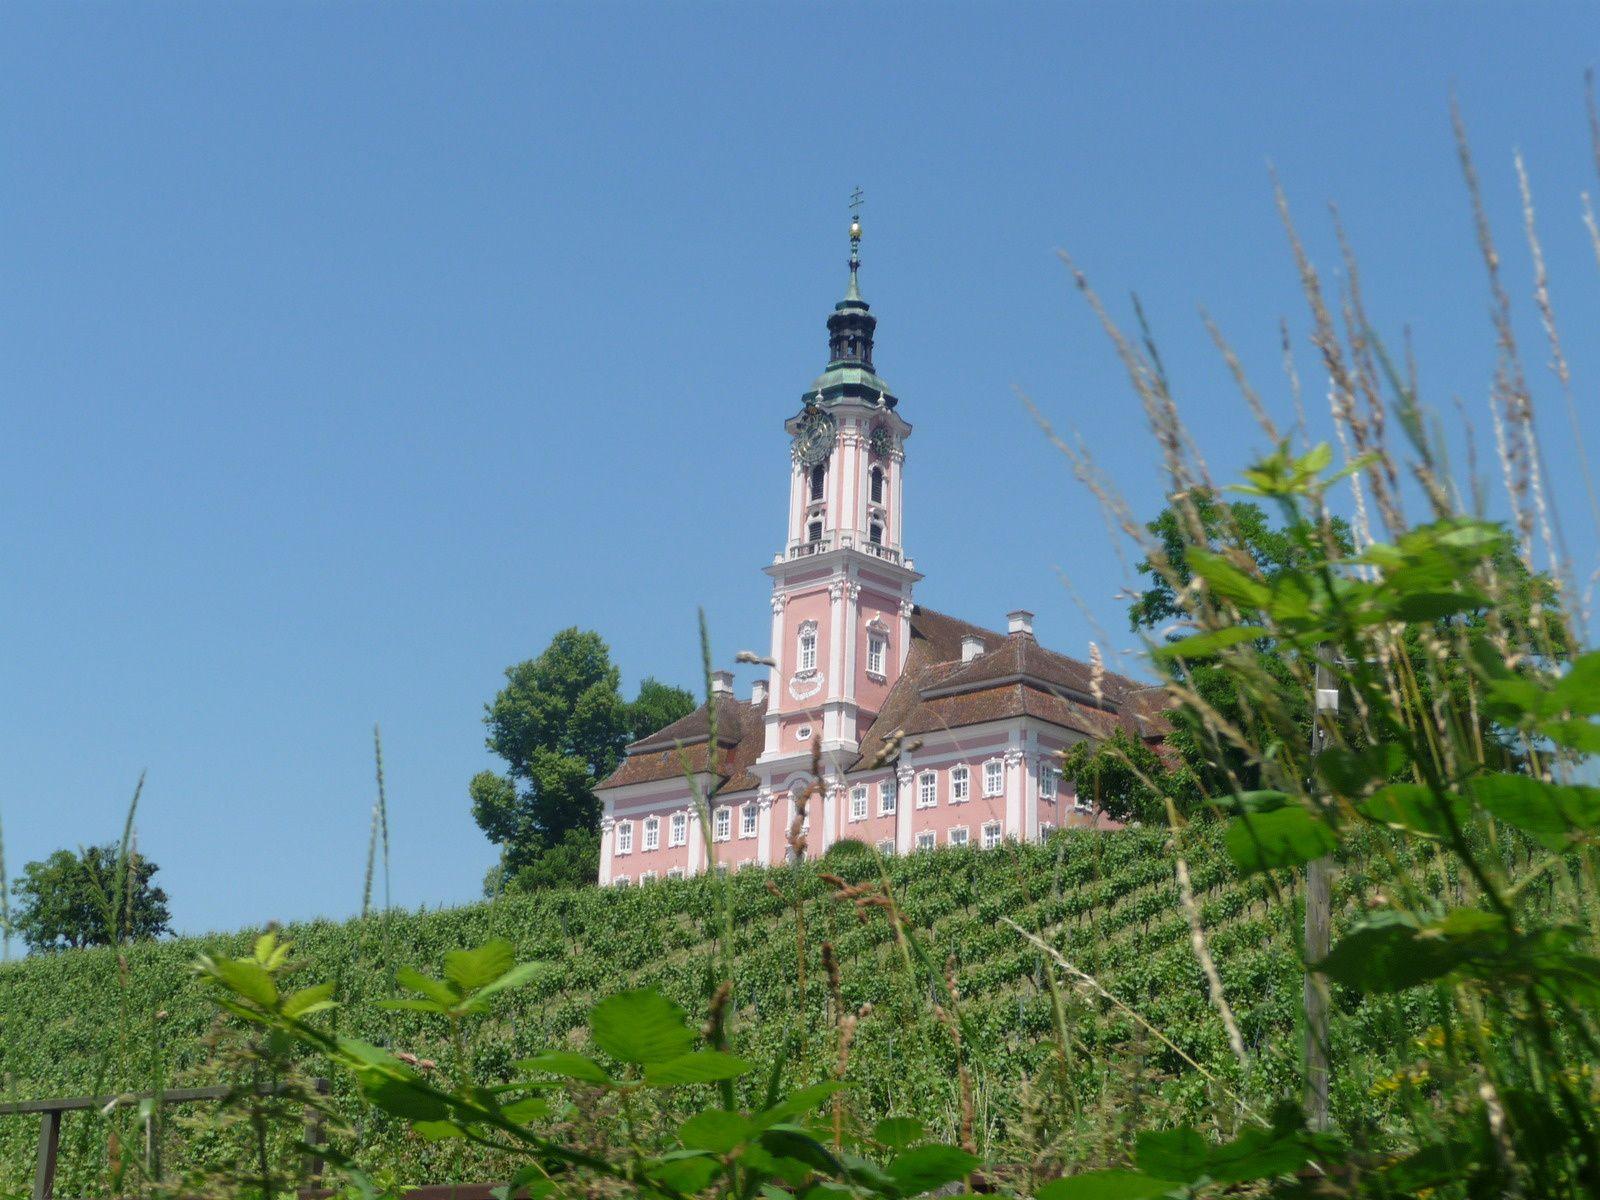 Des vignes sous l'église de Sipplingen